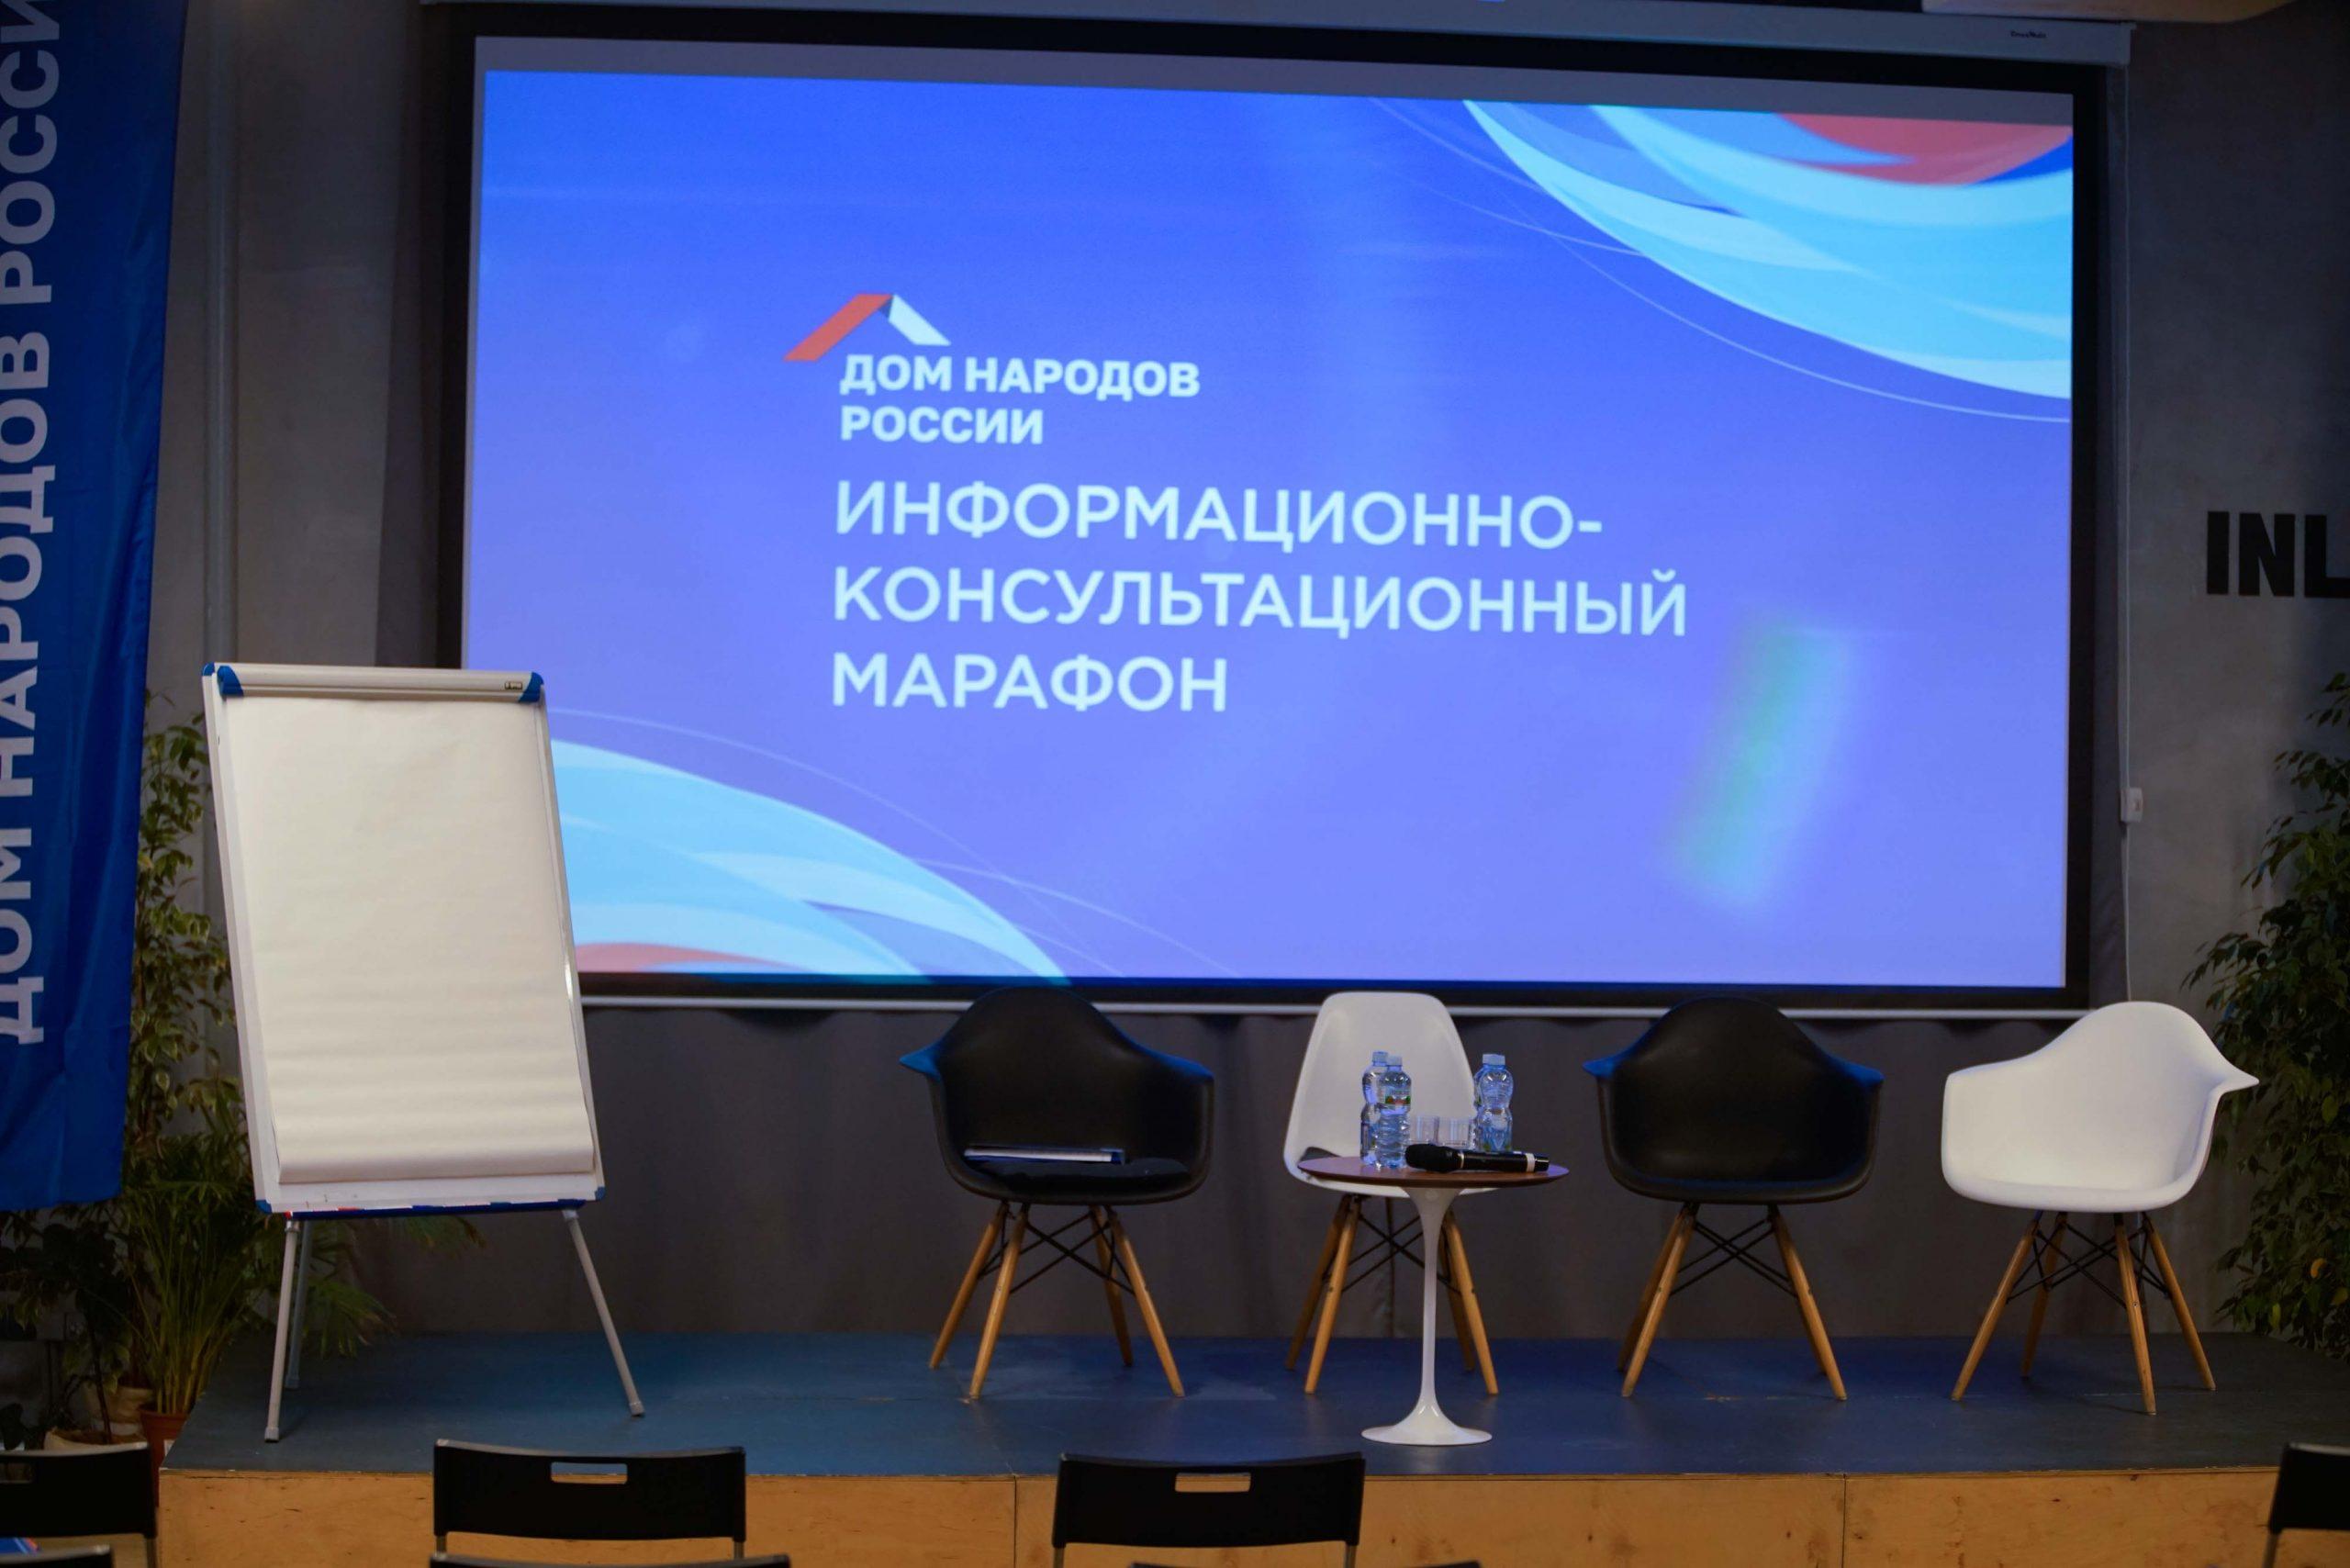 Информационно-консультационный марафон